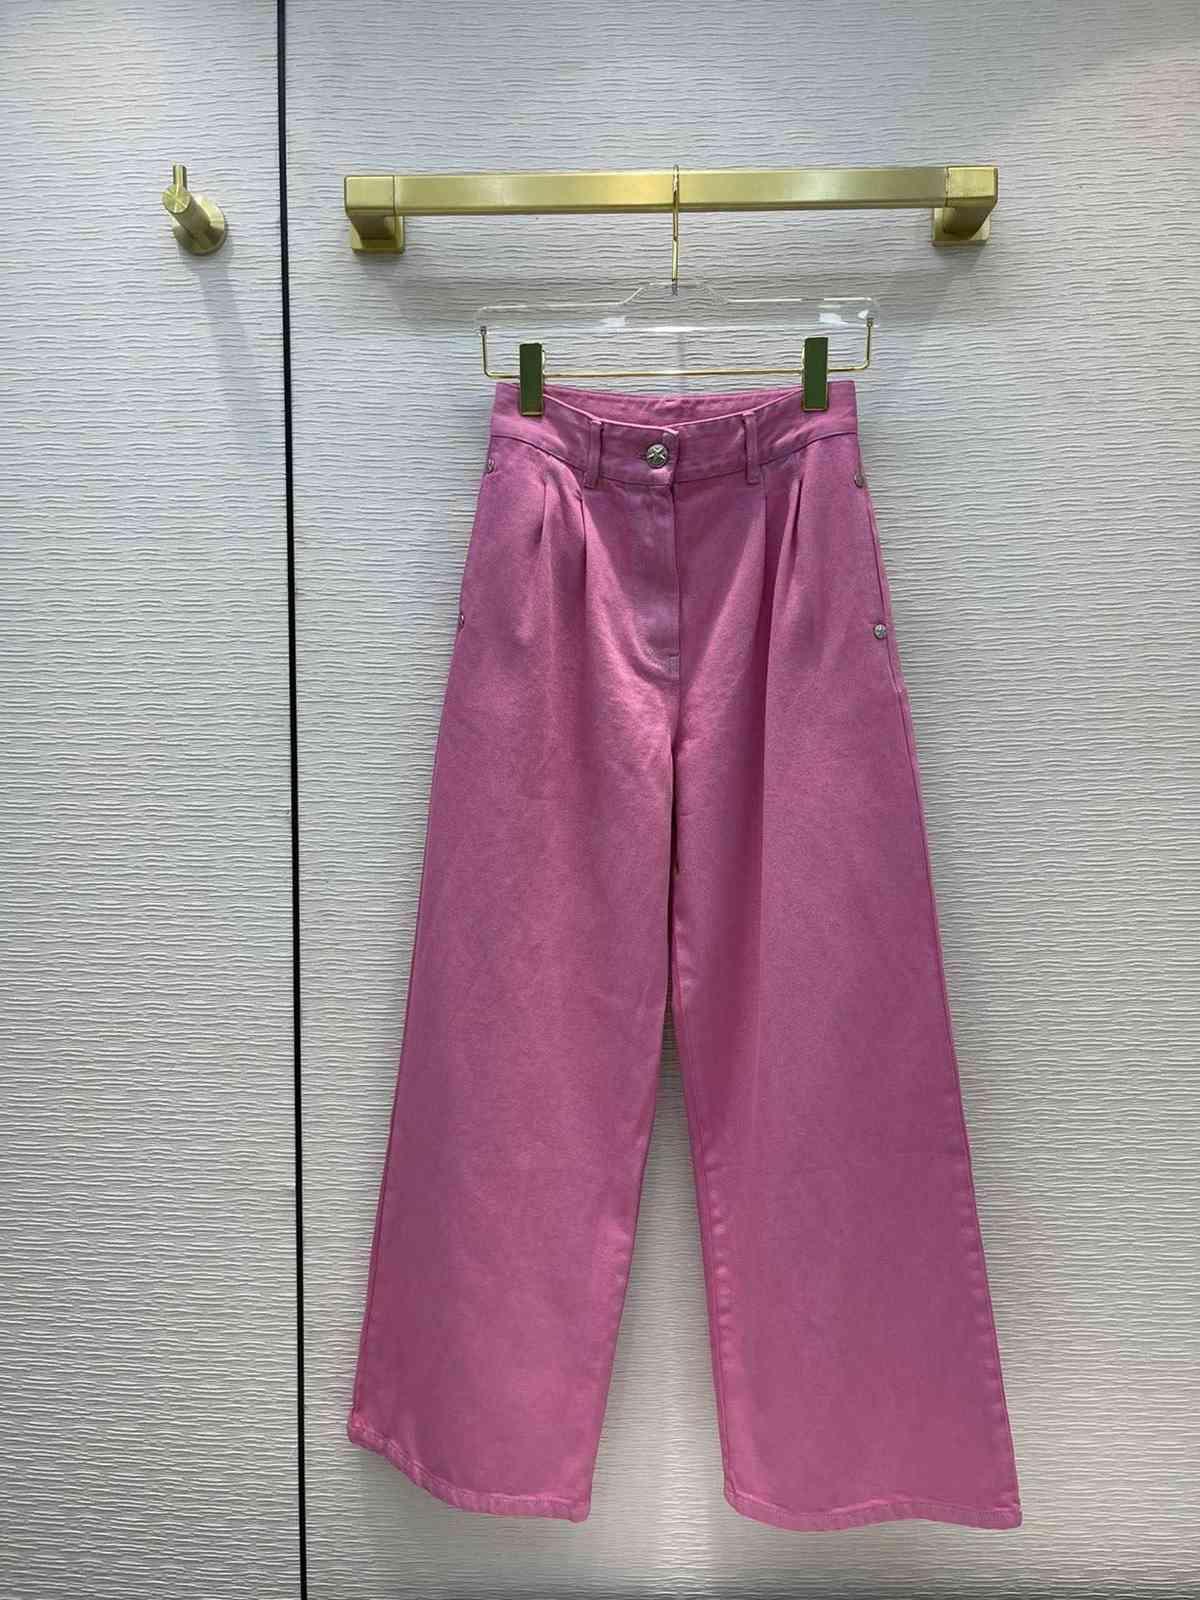 Milan Pist Jeans 2021 Sonbahar Moda Tasarımcısı Geniş Bacak Marka Aynı Stil Lüks Bayan Giyim 0611-2